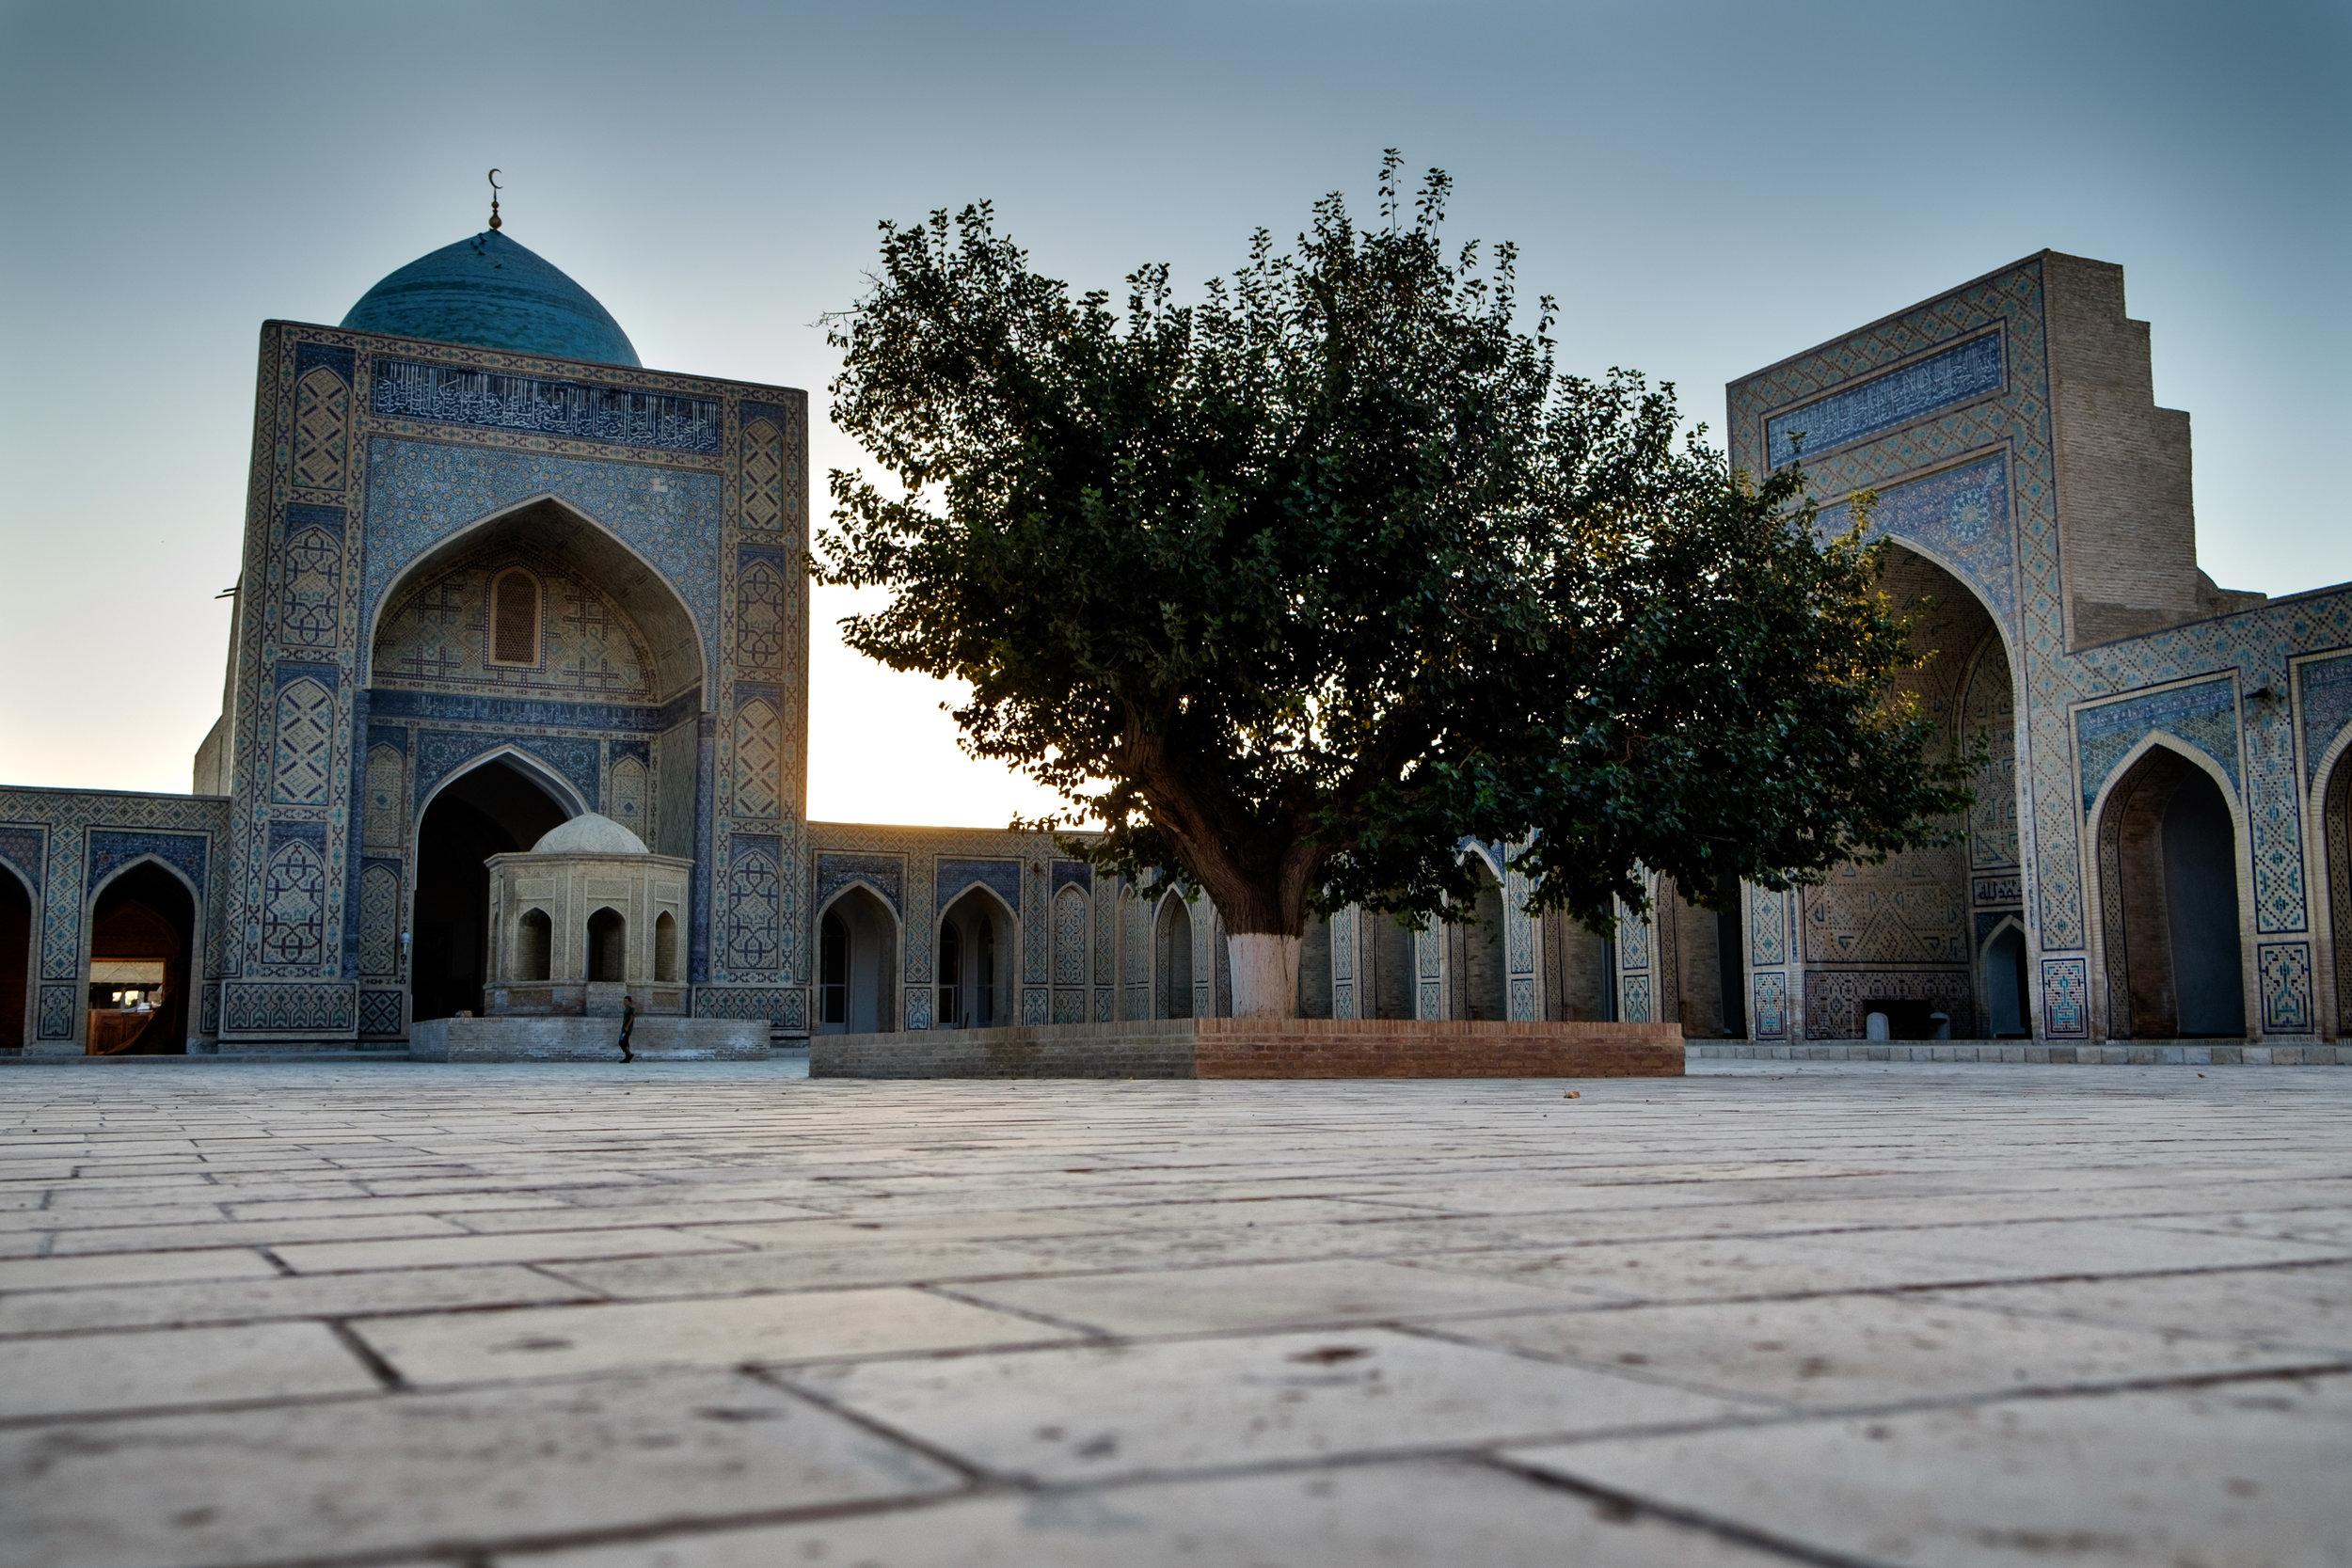 La mosquée Kalon de Bukhara, bâtie au début du 16e s.